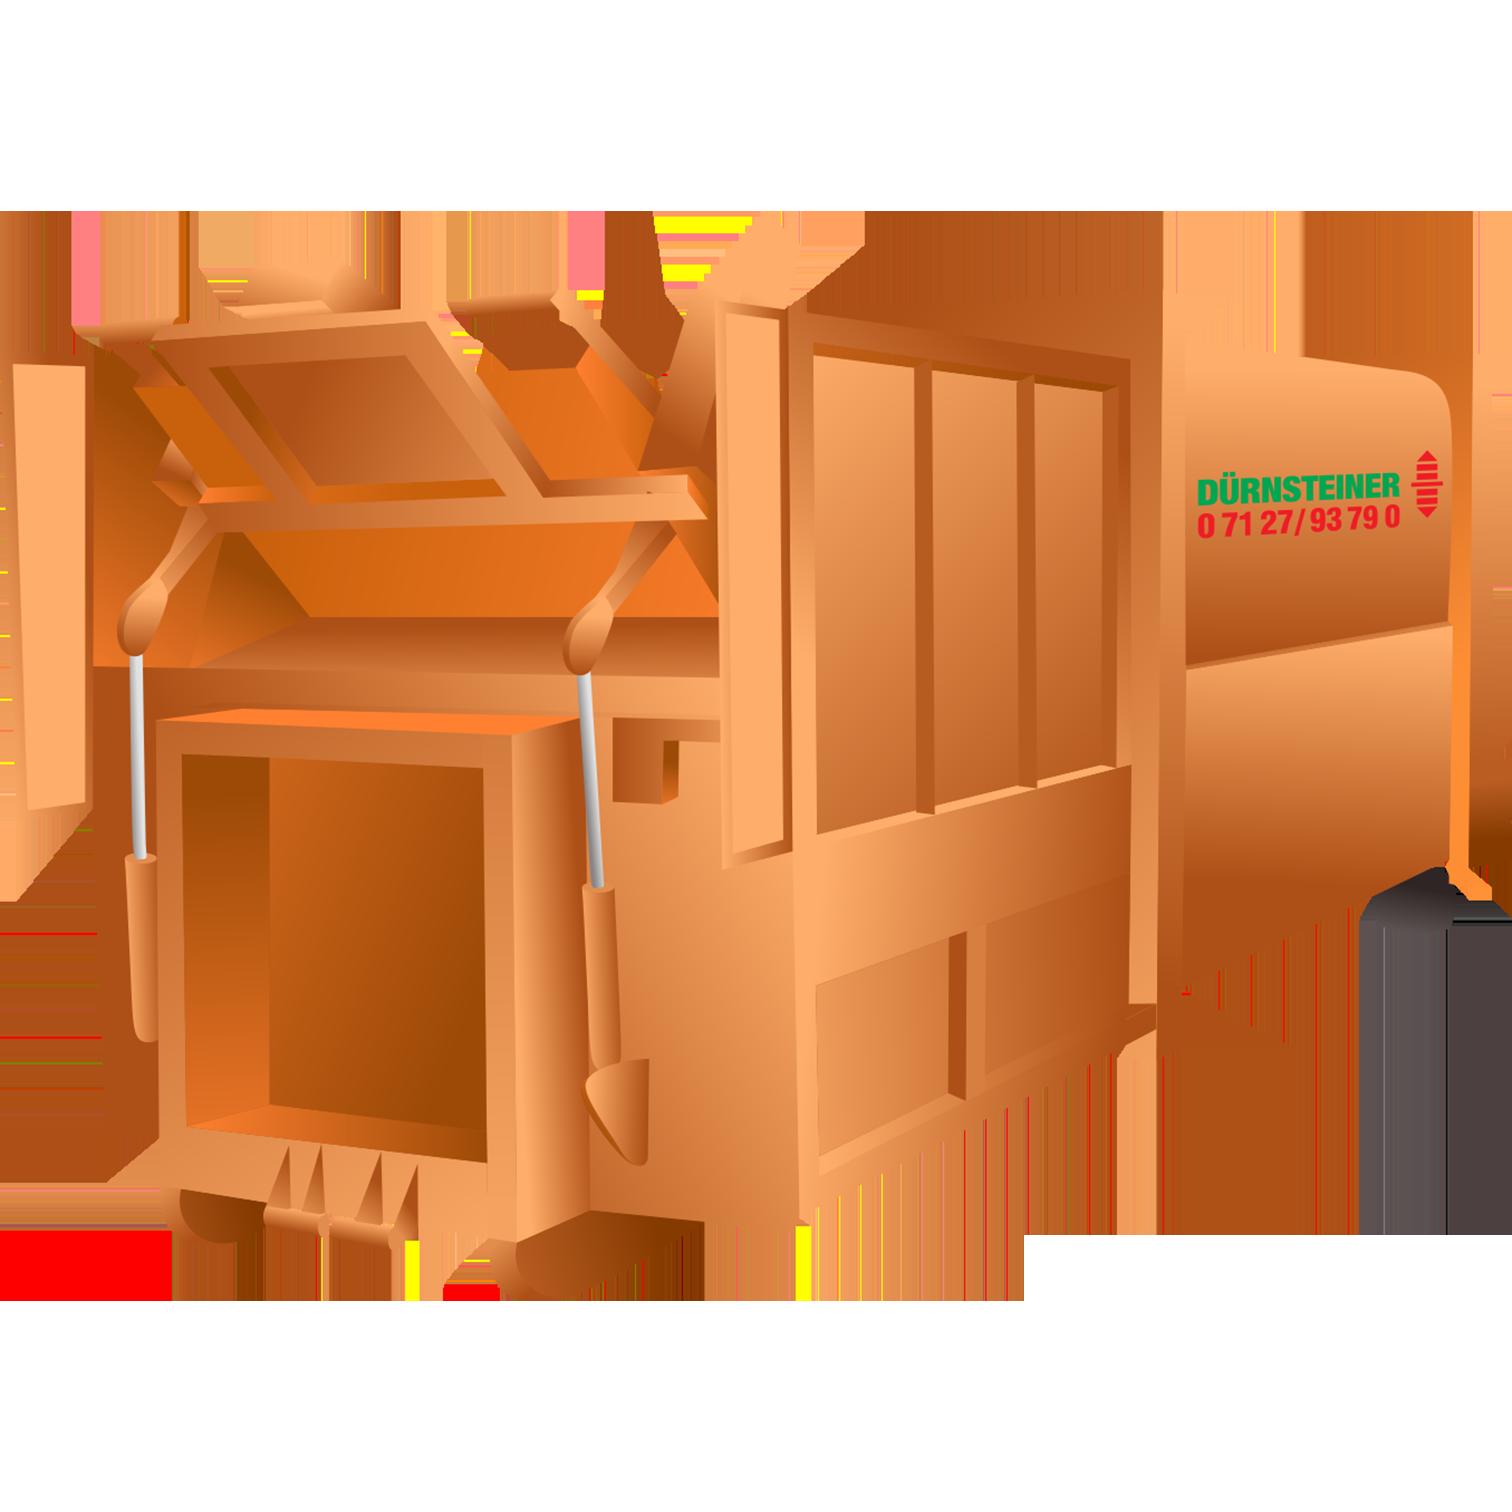 5_abrollpresse-hub-kipp-duernsteiner